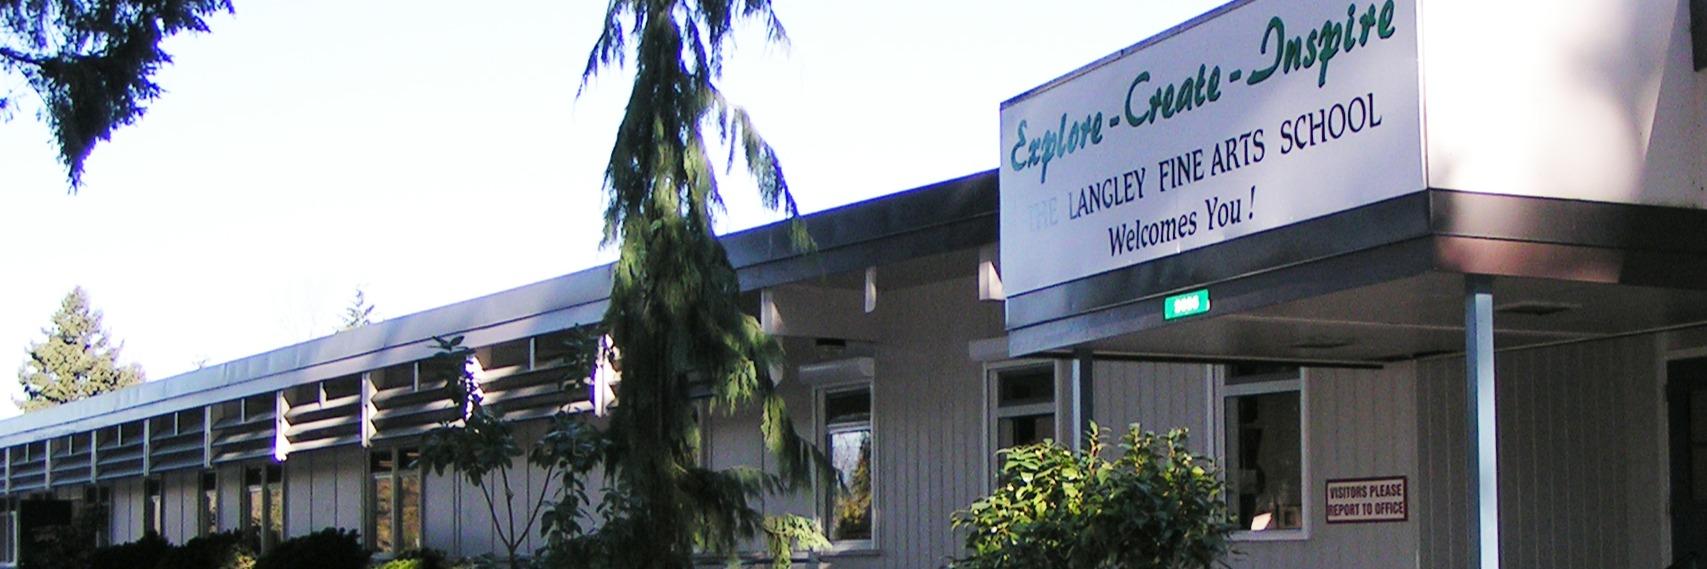 ラングレー・ファイン・アーツ・スクール (Langley Fine Arts School)